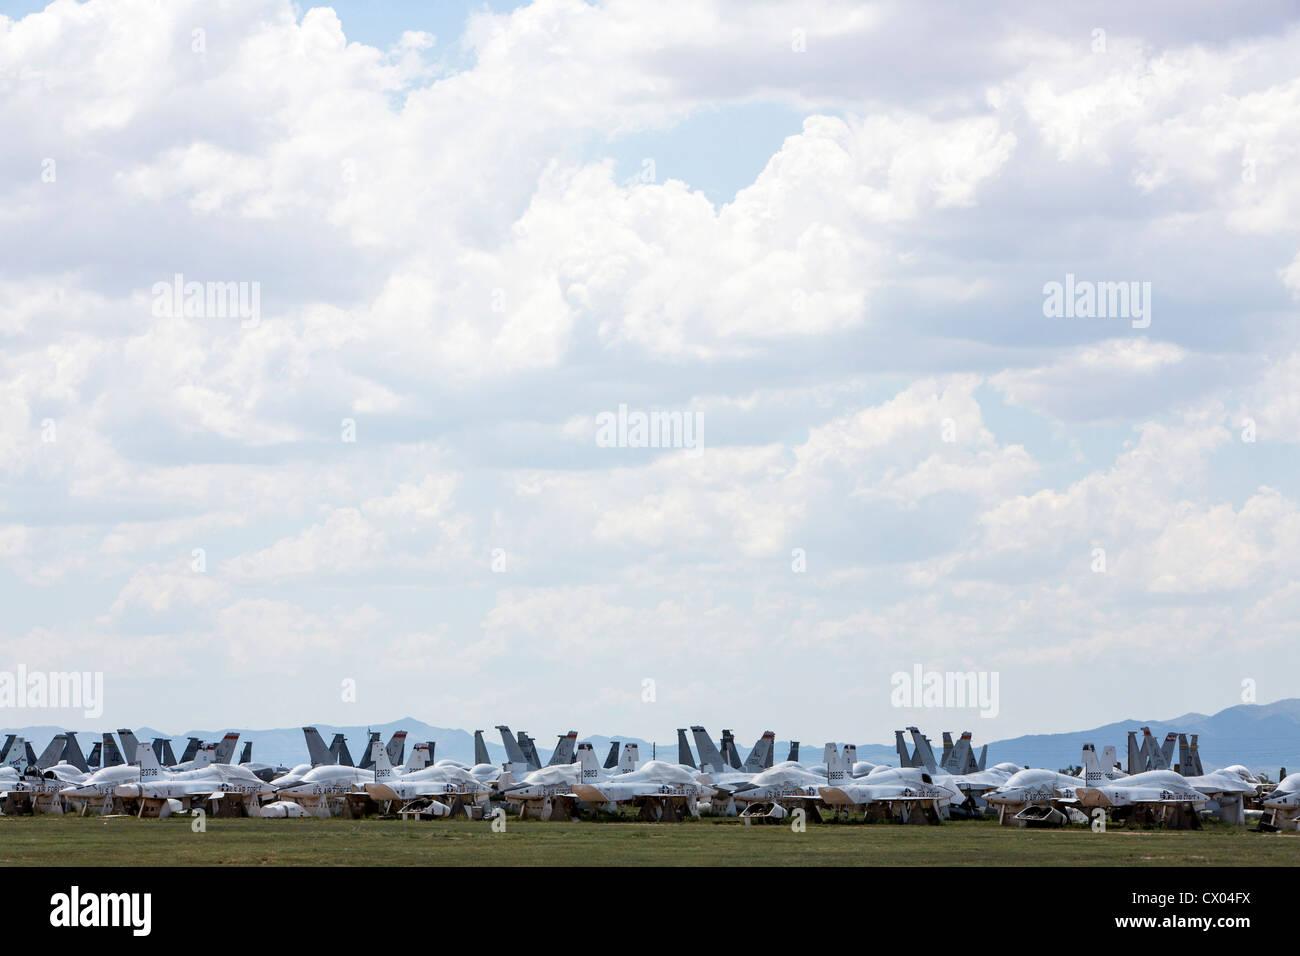 Aerei militari in deposito presso il 309th aerospaziali e di manutenzione Gruppo di rigenerazione a Davis-Monthan Immagini Stock